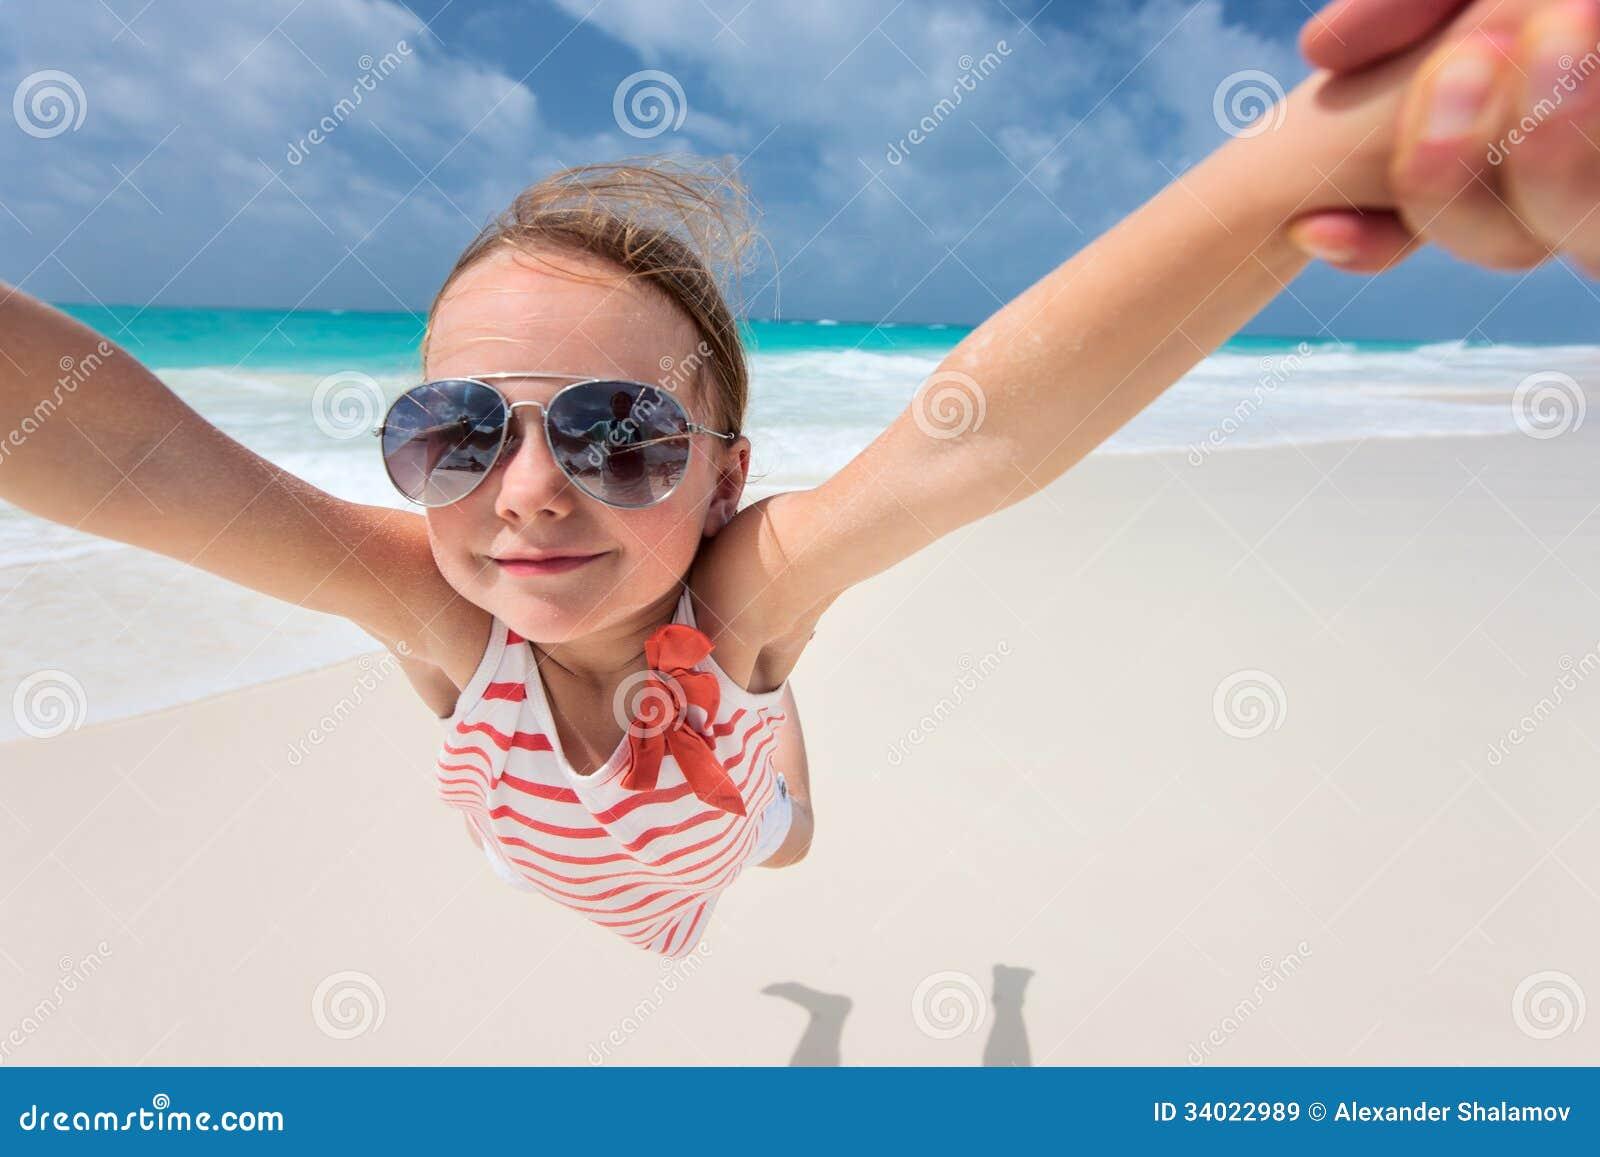 Потехи На Пляже